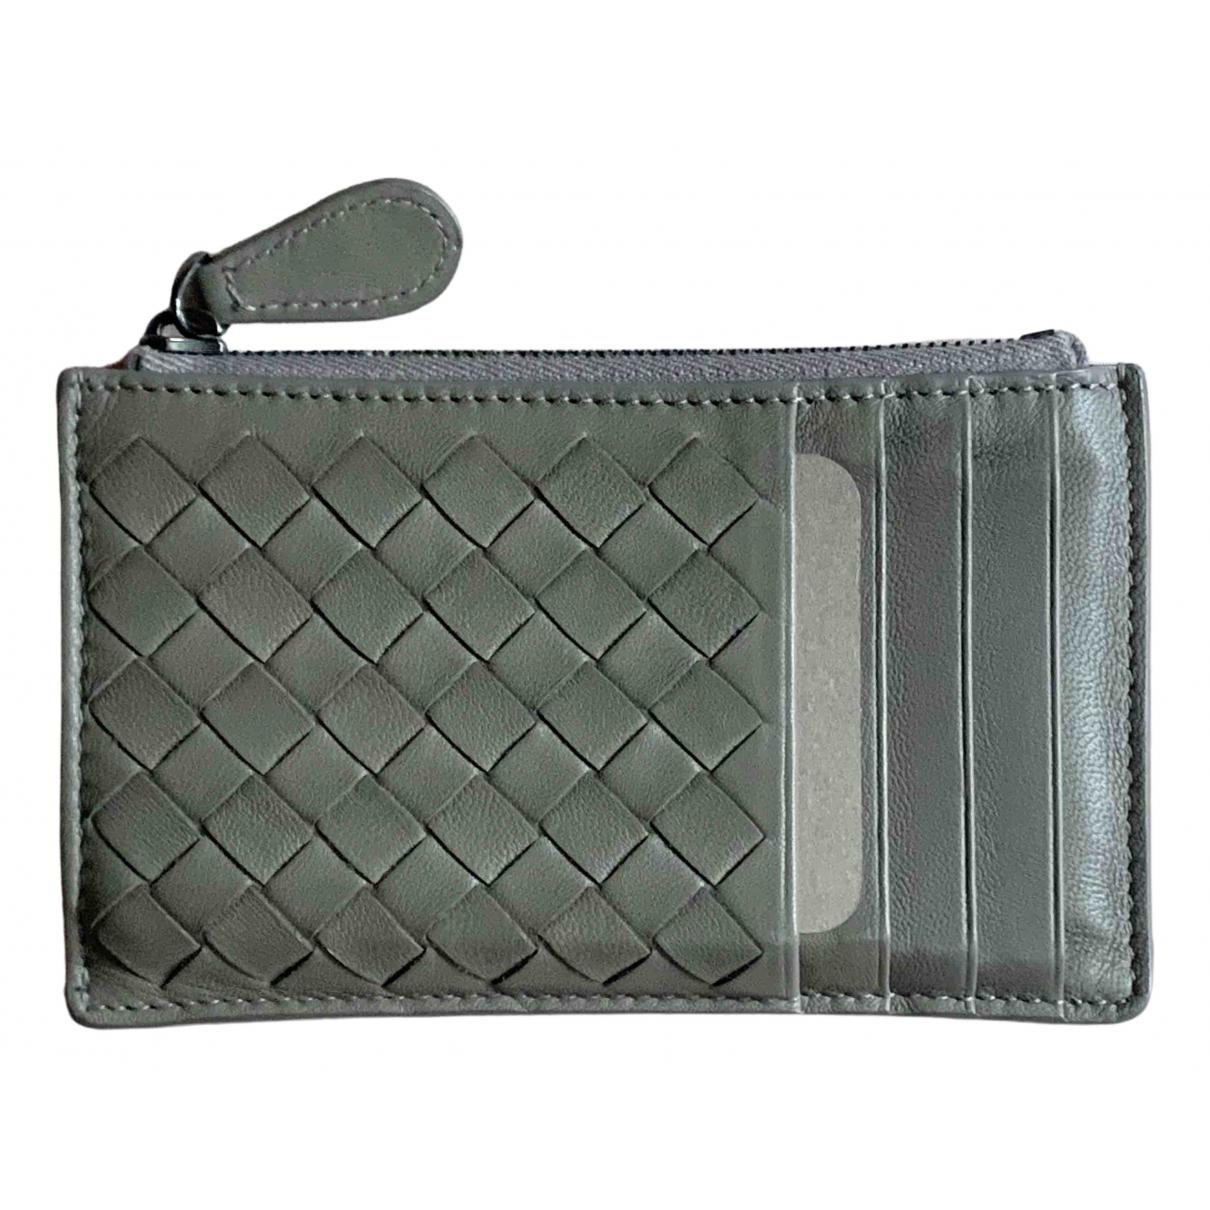 Bottega Veneta \N Leather Purses, wallet & cases for Women \N